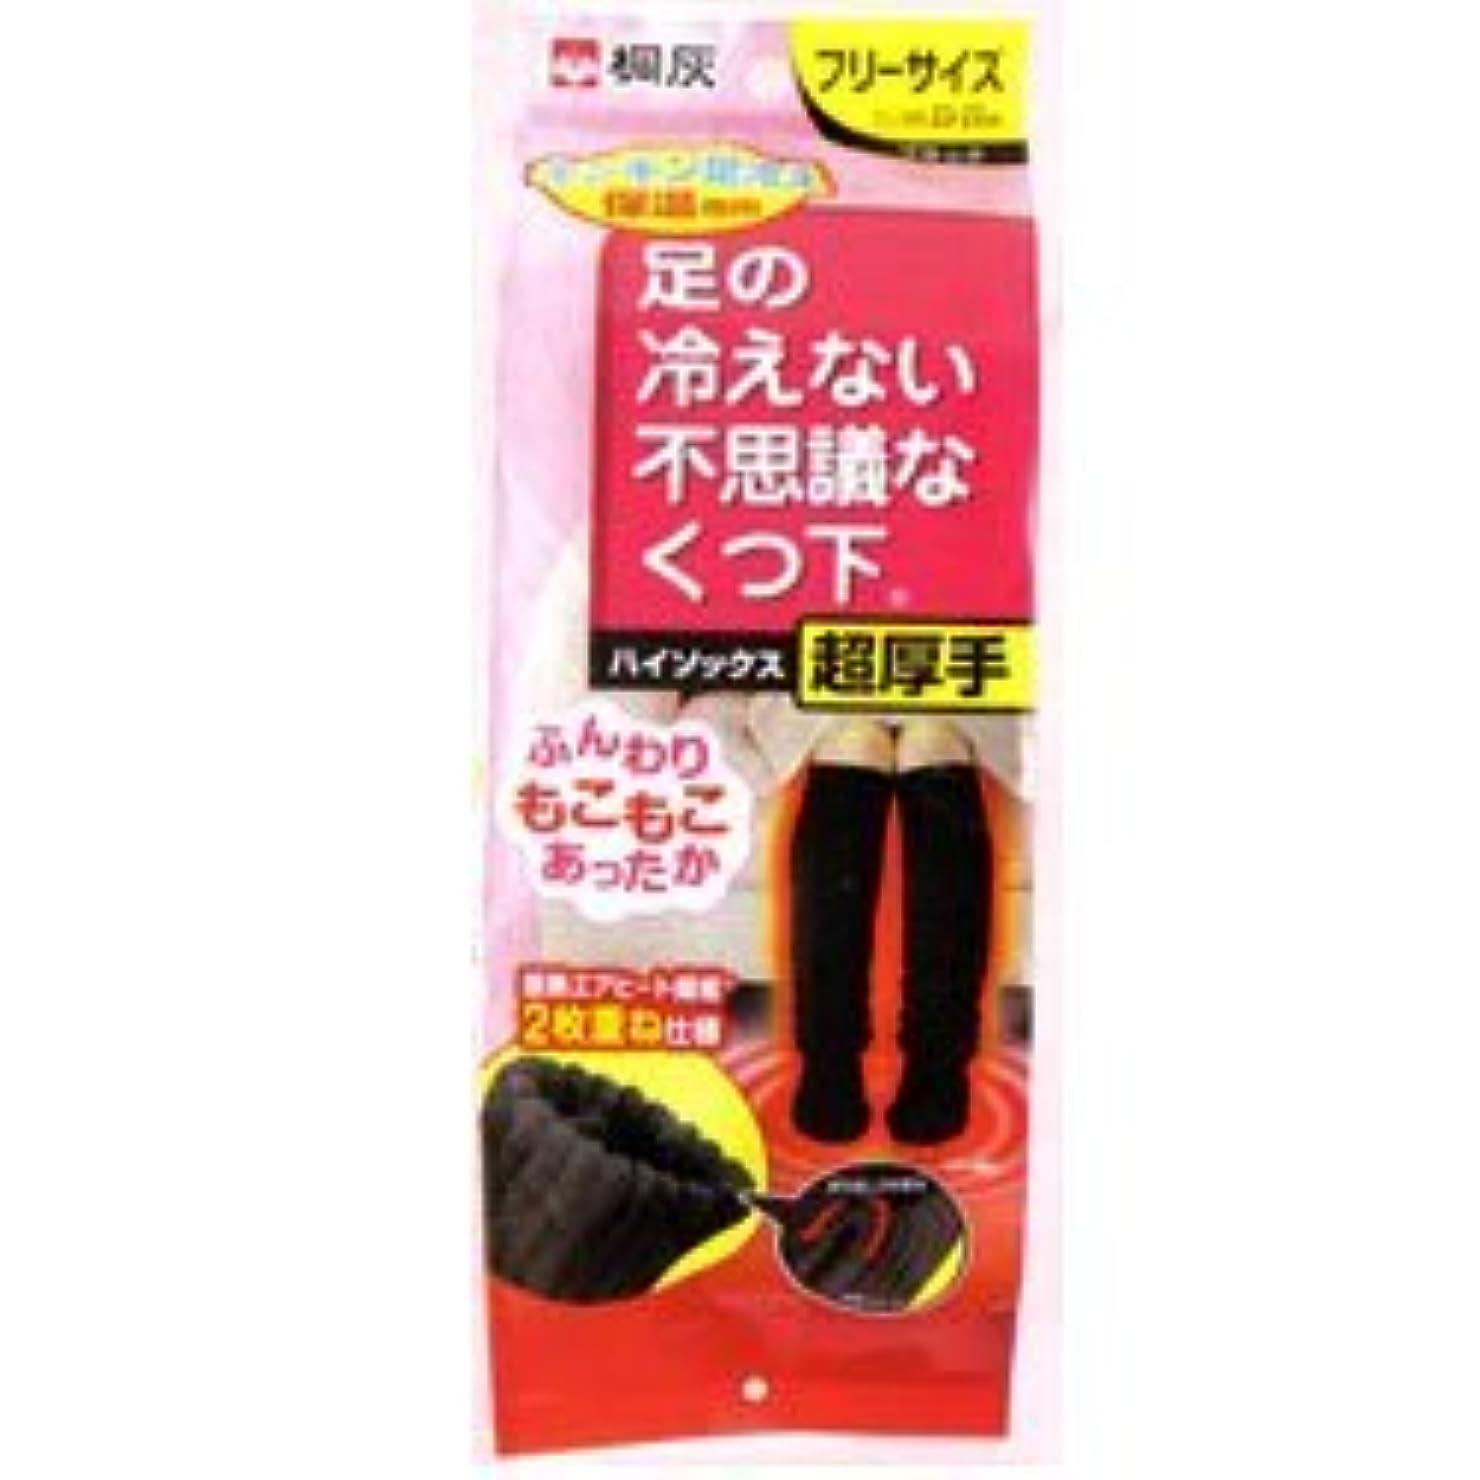 焼くしっかりアクセル【桐灰化学】足の冷えない不思議な靴下 ハイソックス 超厚手 ブラック フリーサイズ 1足分 ×3個セット